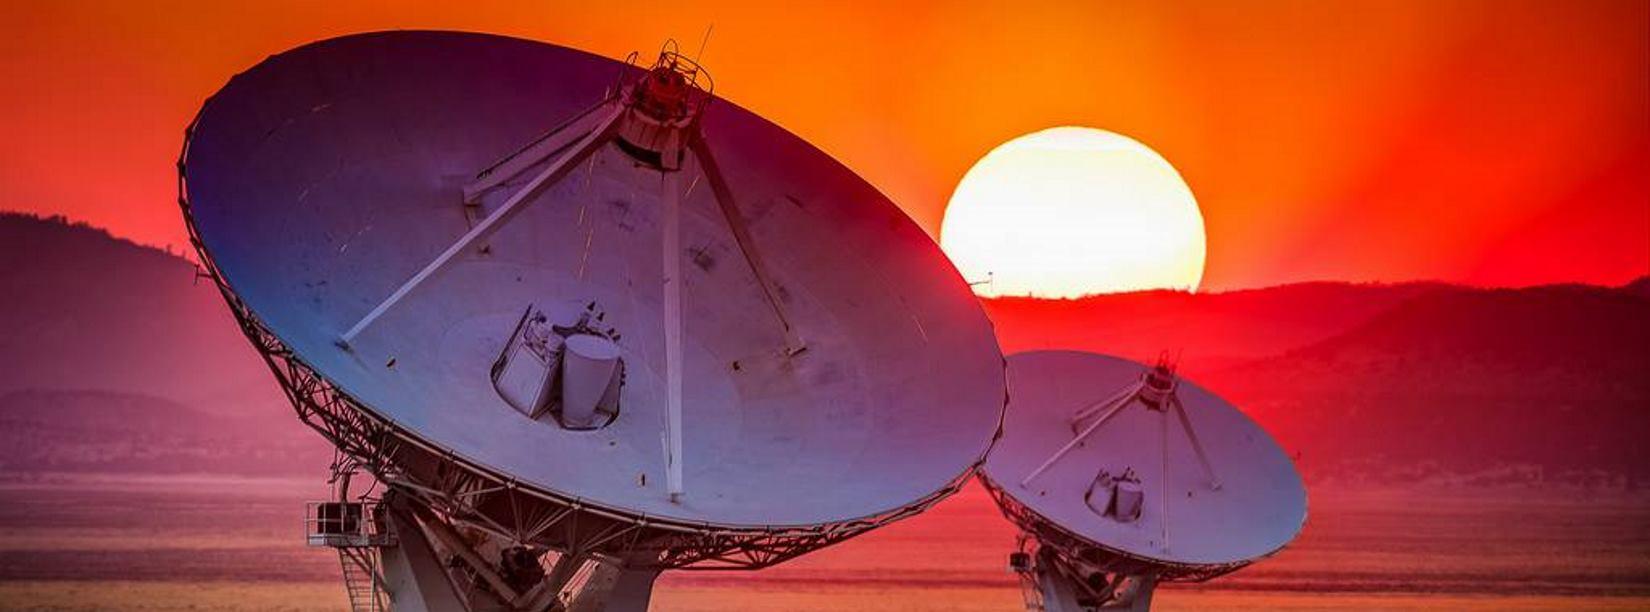 IMA LI KOGA U SVEMIRU? Ruski investitor namijenio sto milijuna dolara za proučavanje radio signala iz svemira